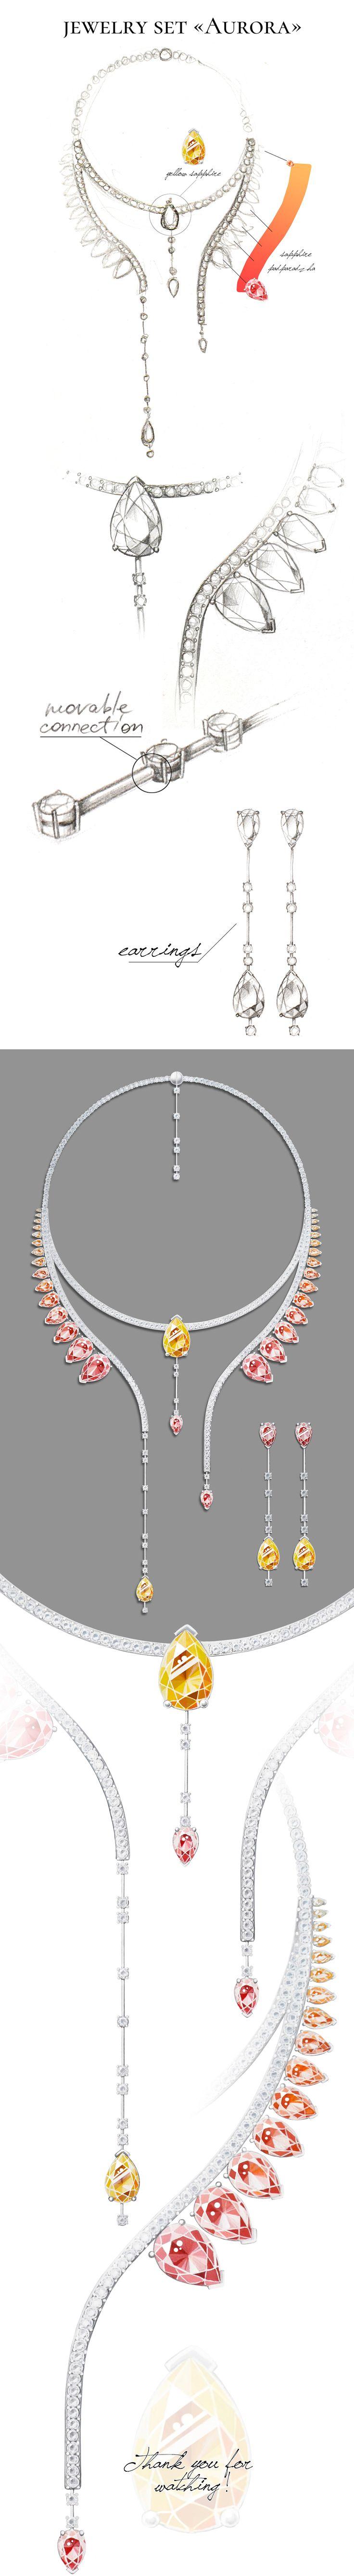 jewelry set «Aurora»-Jewel Design Competition, 2016